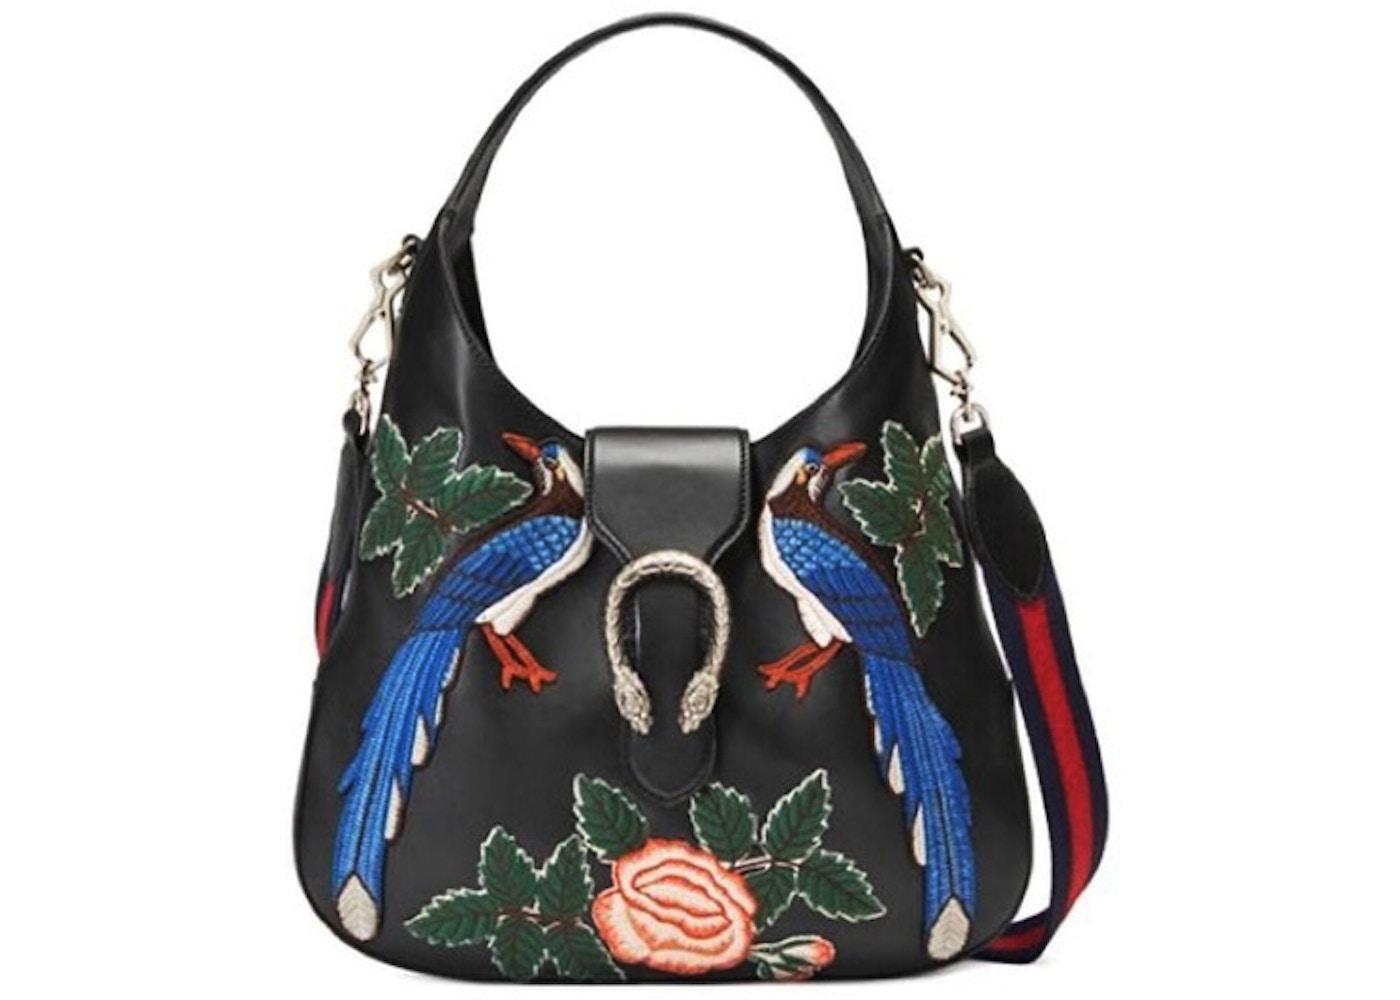 435cabf0e8bf Buy & Sell Gucci Handbags - Average Sale Price